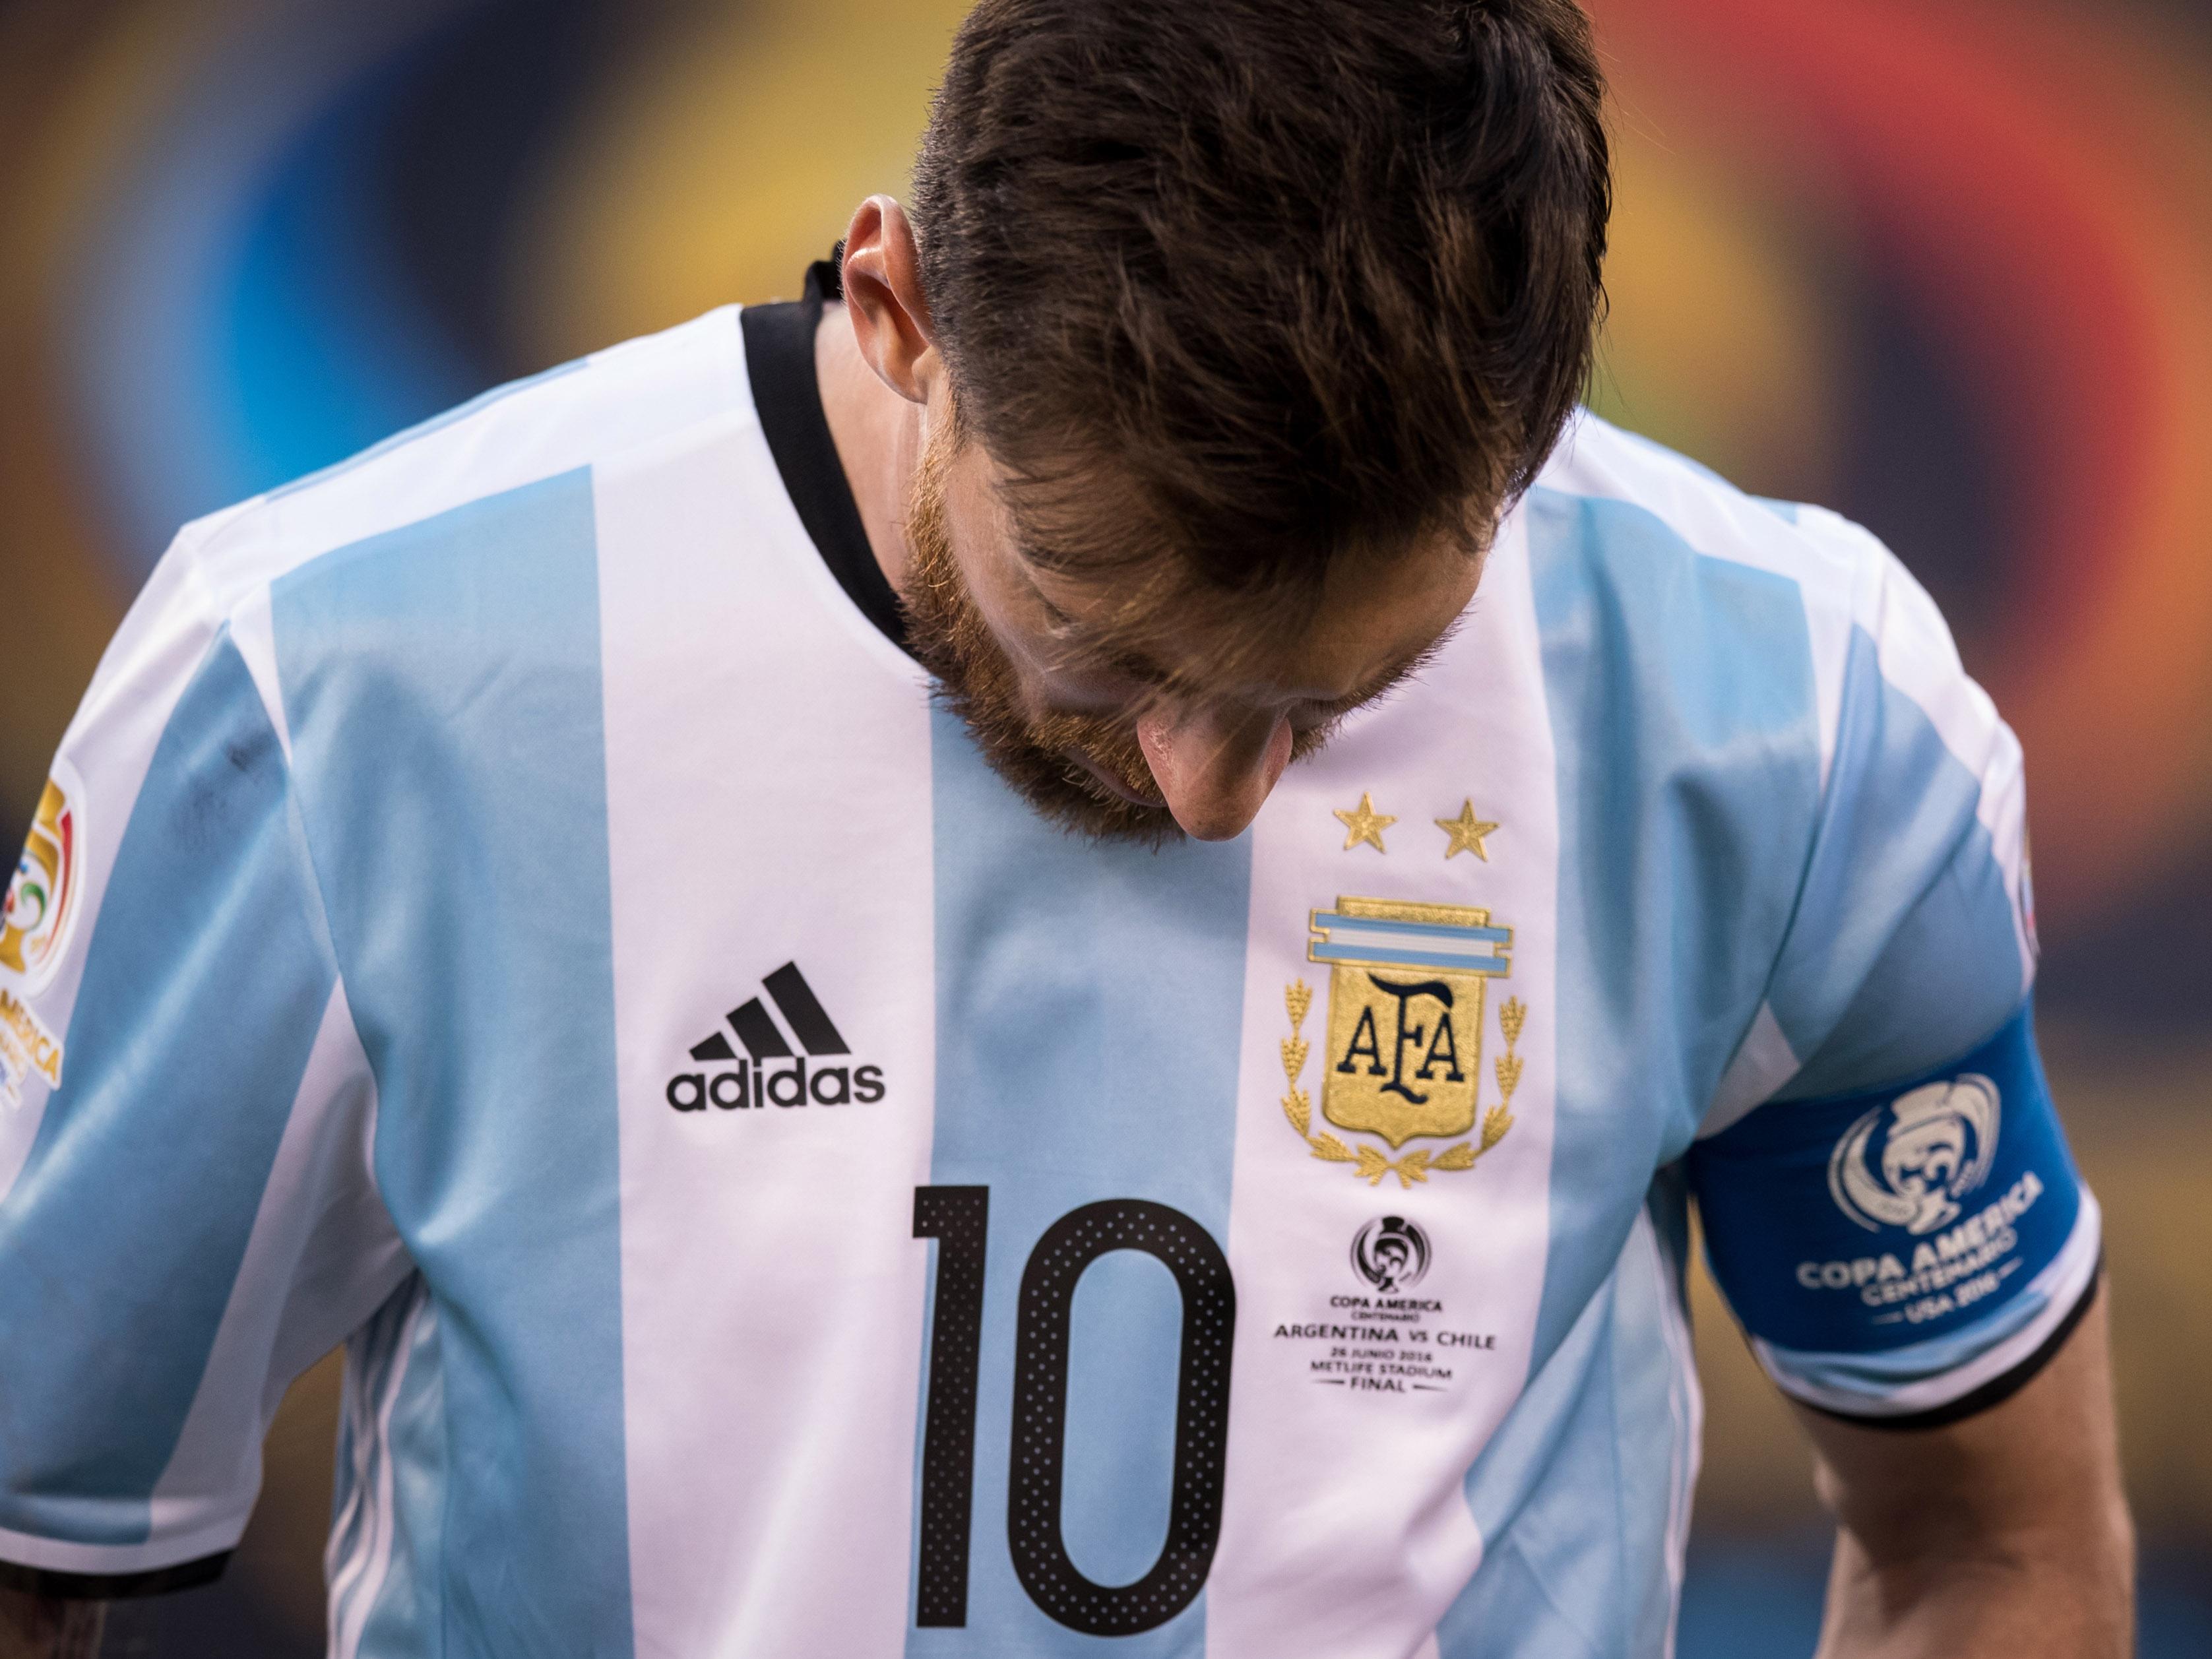 Copa America Centenario Final Argentina vs Chile Soccer, 2016